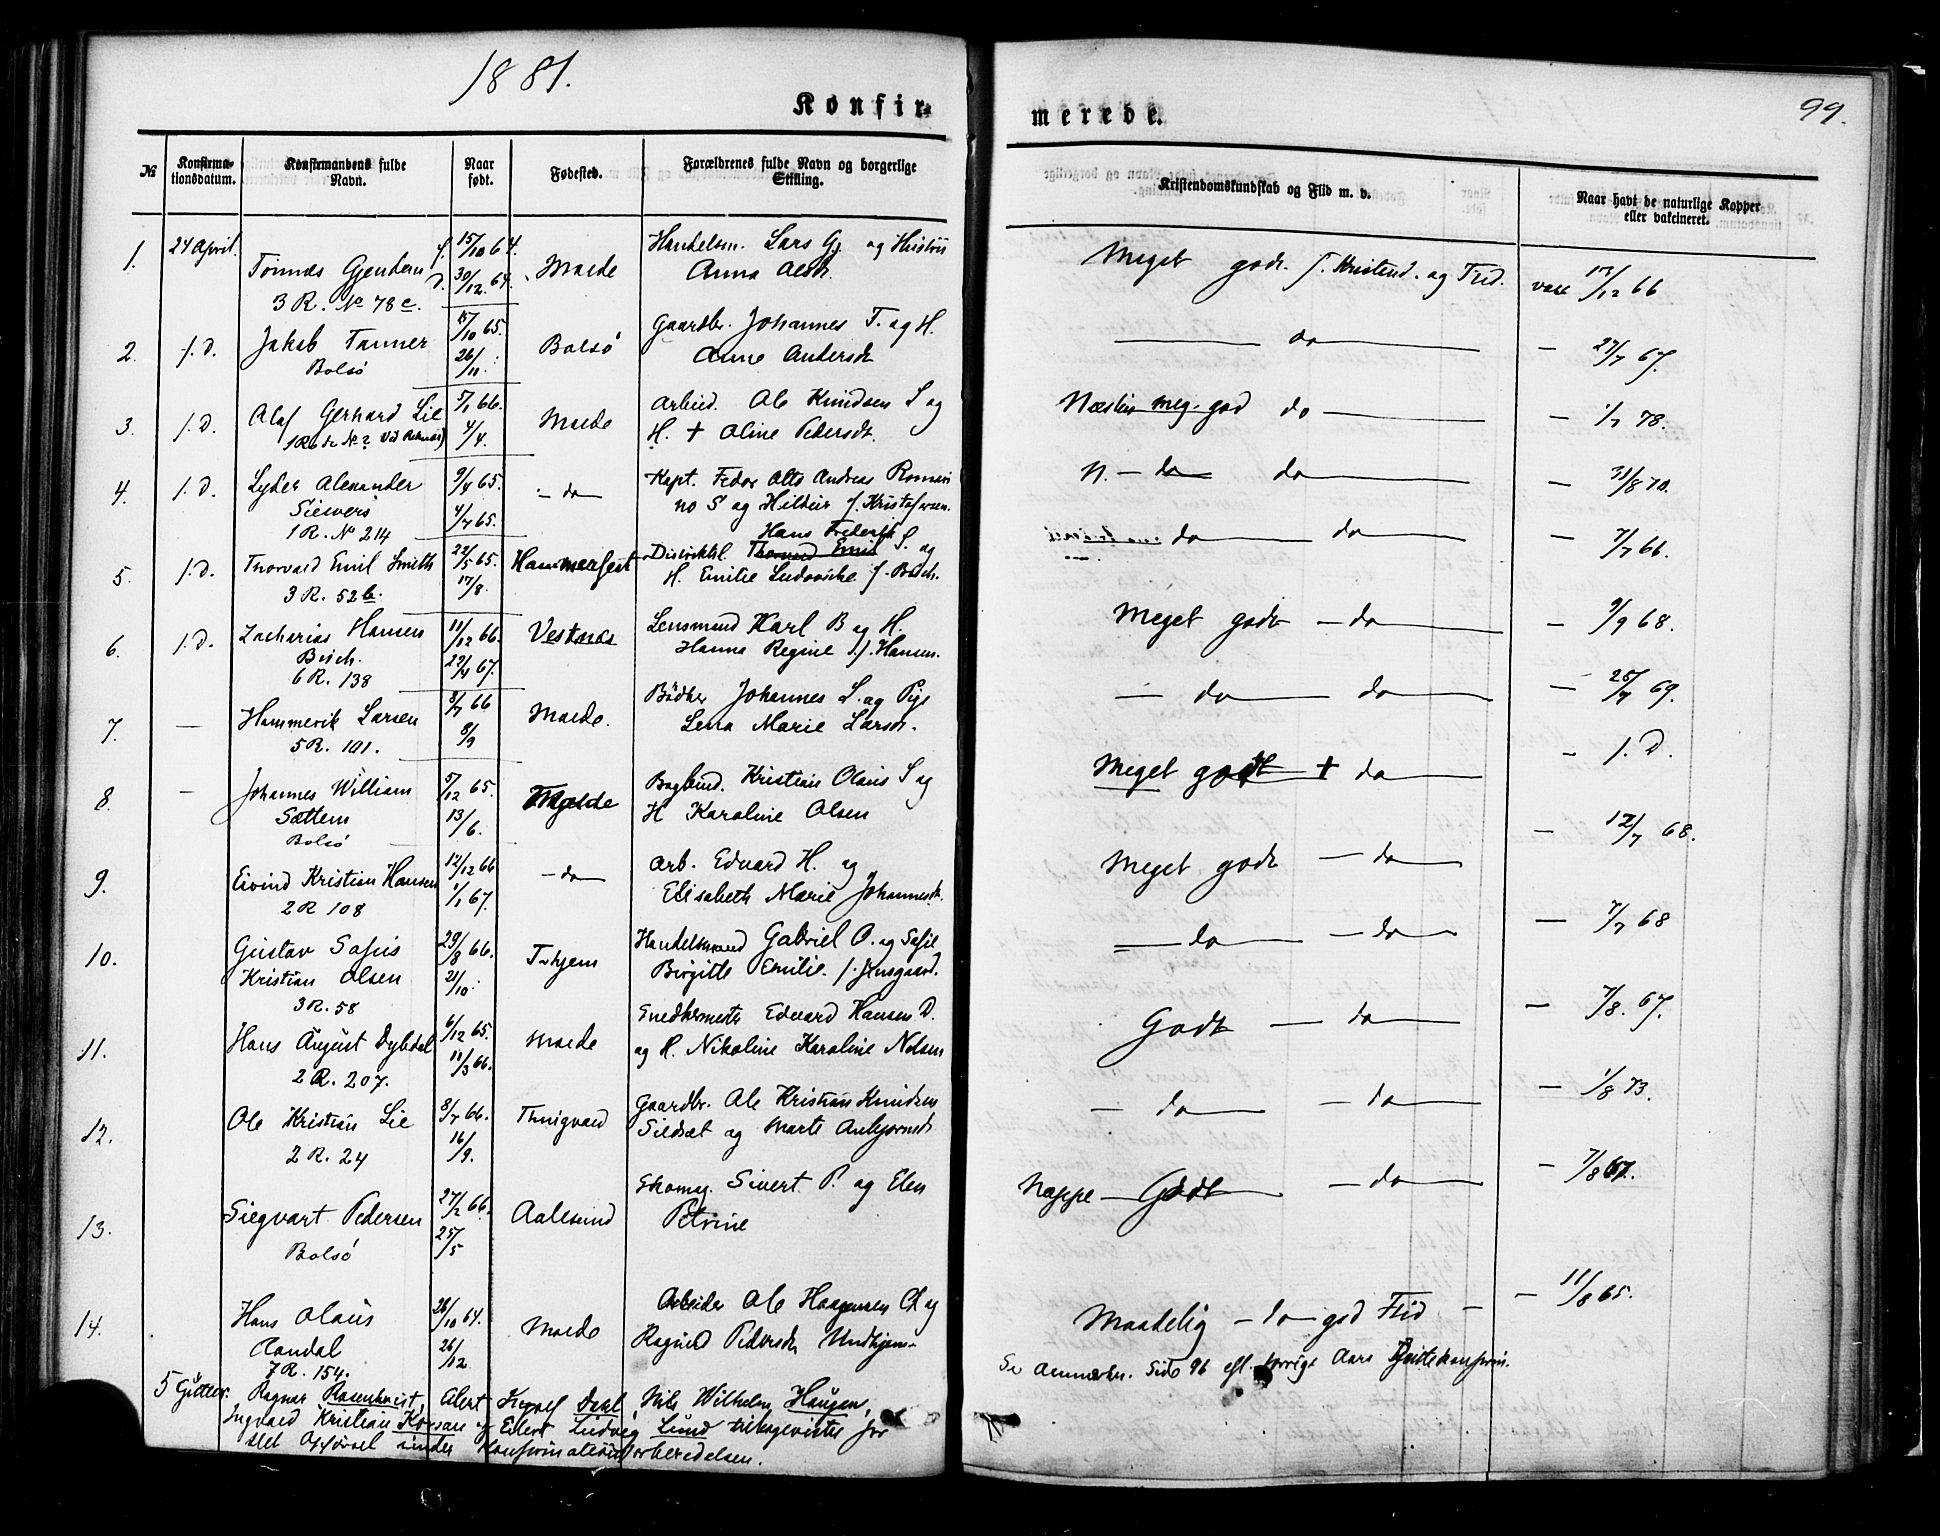 SAT, Ministerialprotokoller, klokkerbøker og fødselsregistre - Møre og Romsdal, 558/L0691: Ministerialbok nr. 558A05, 1873-1886, s. 99